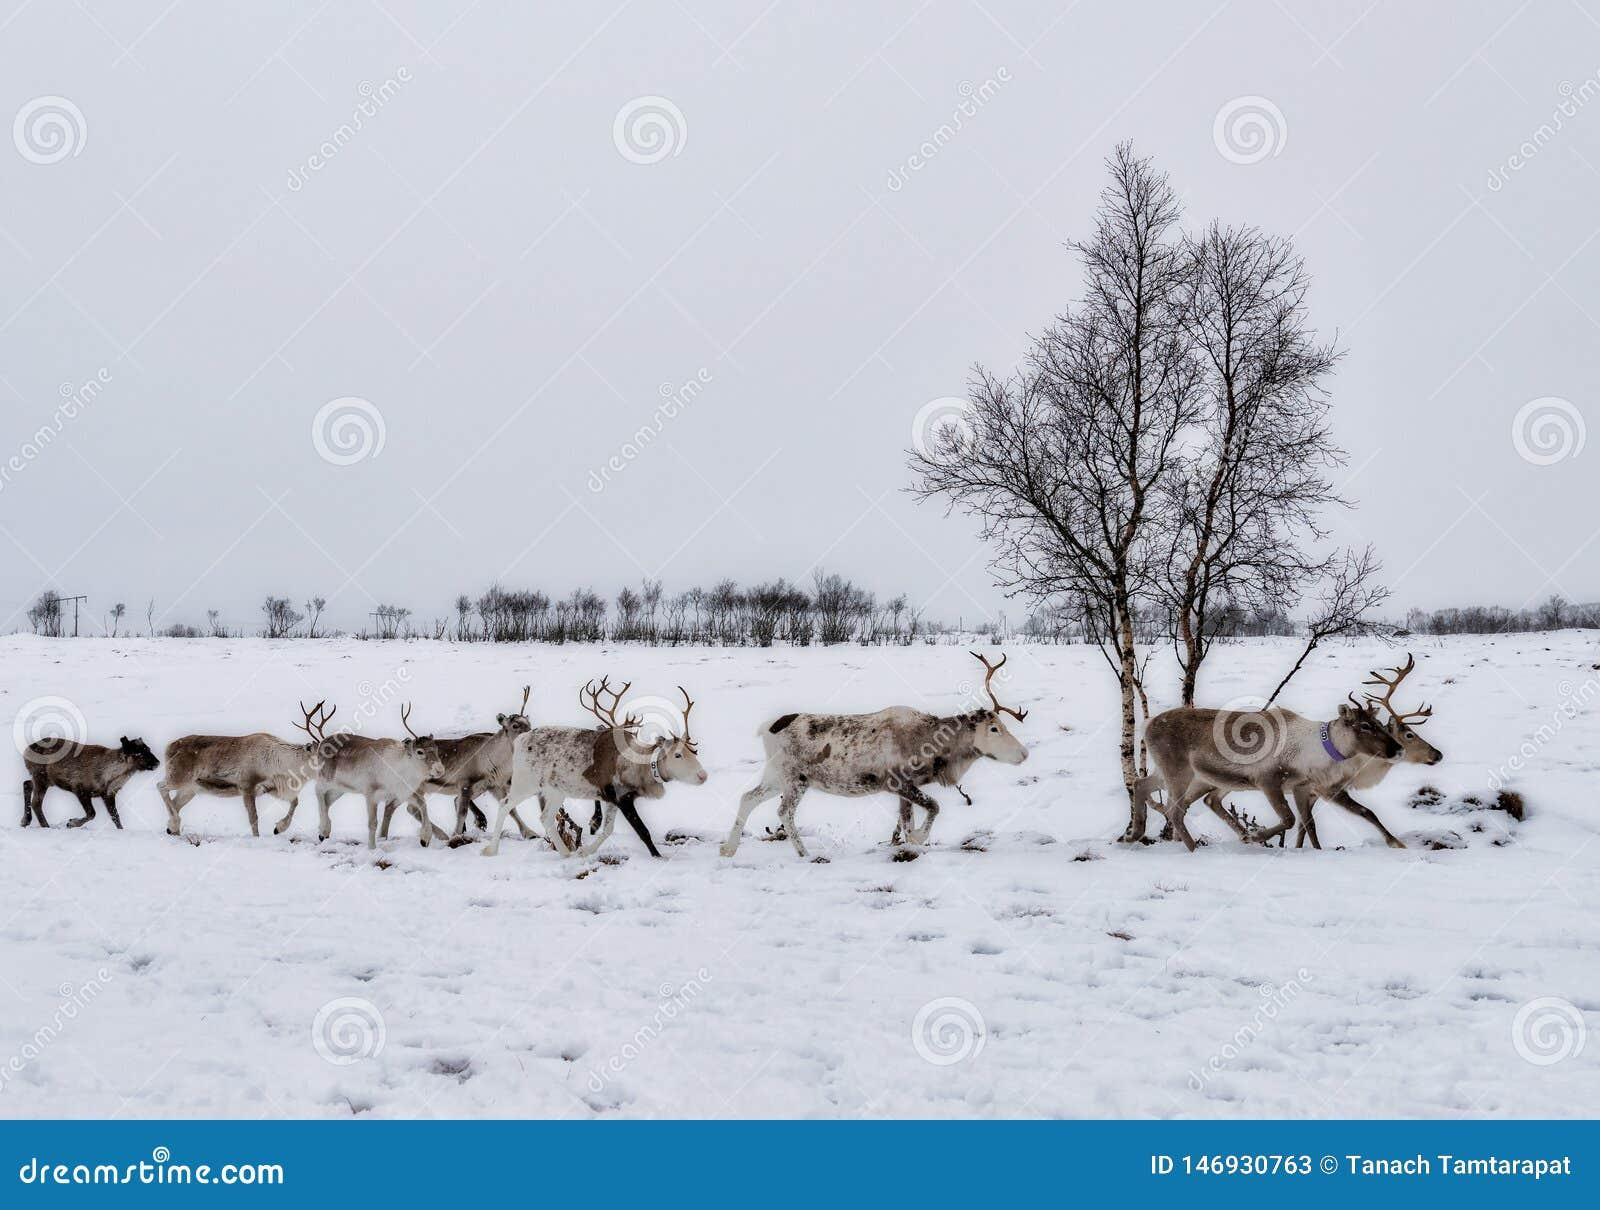 Reindeer flock walked in rows